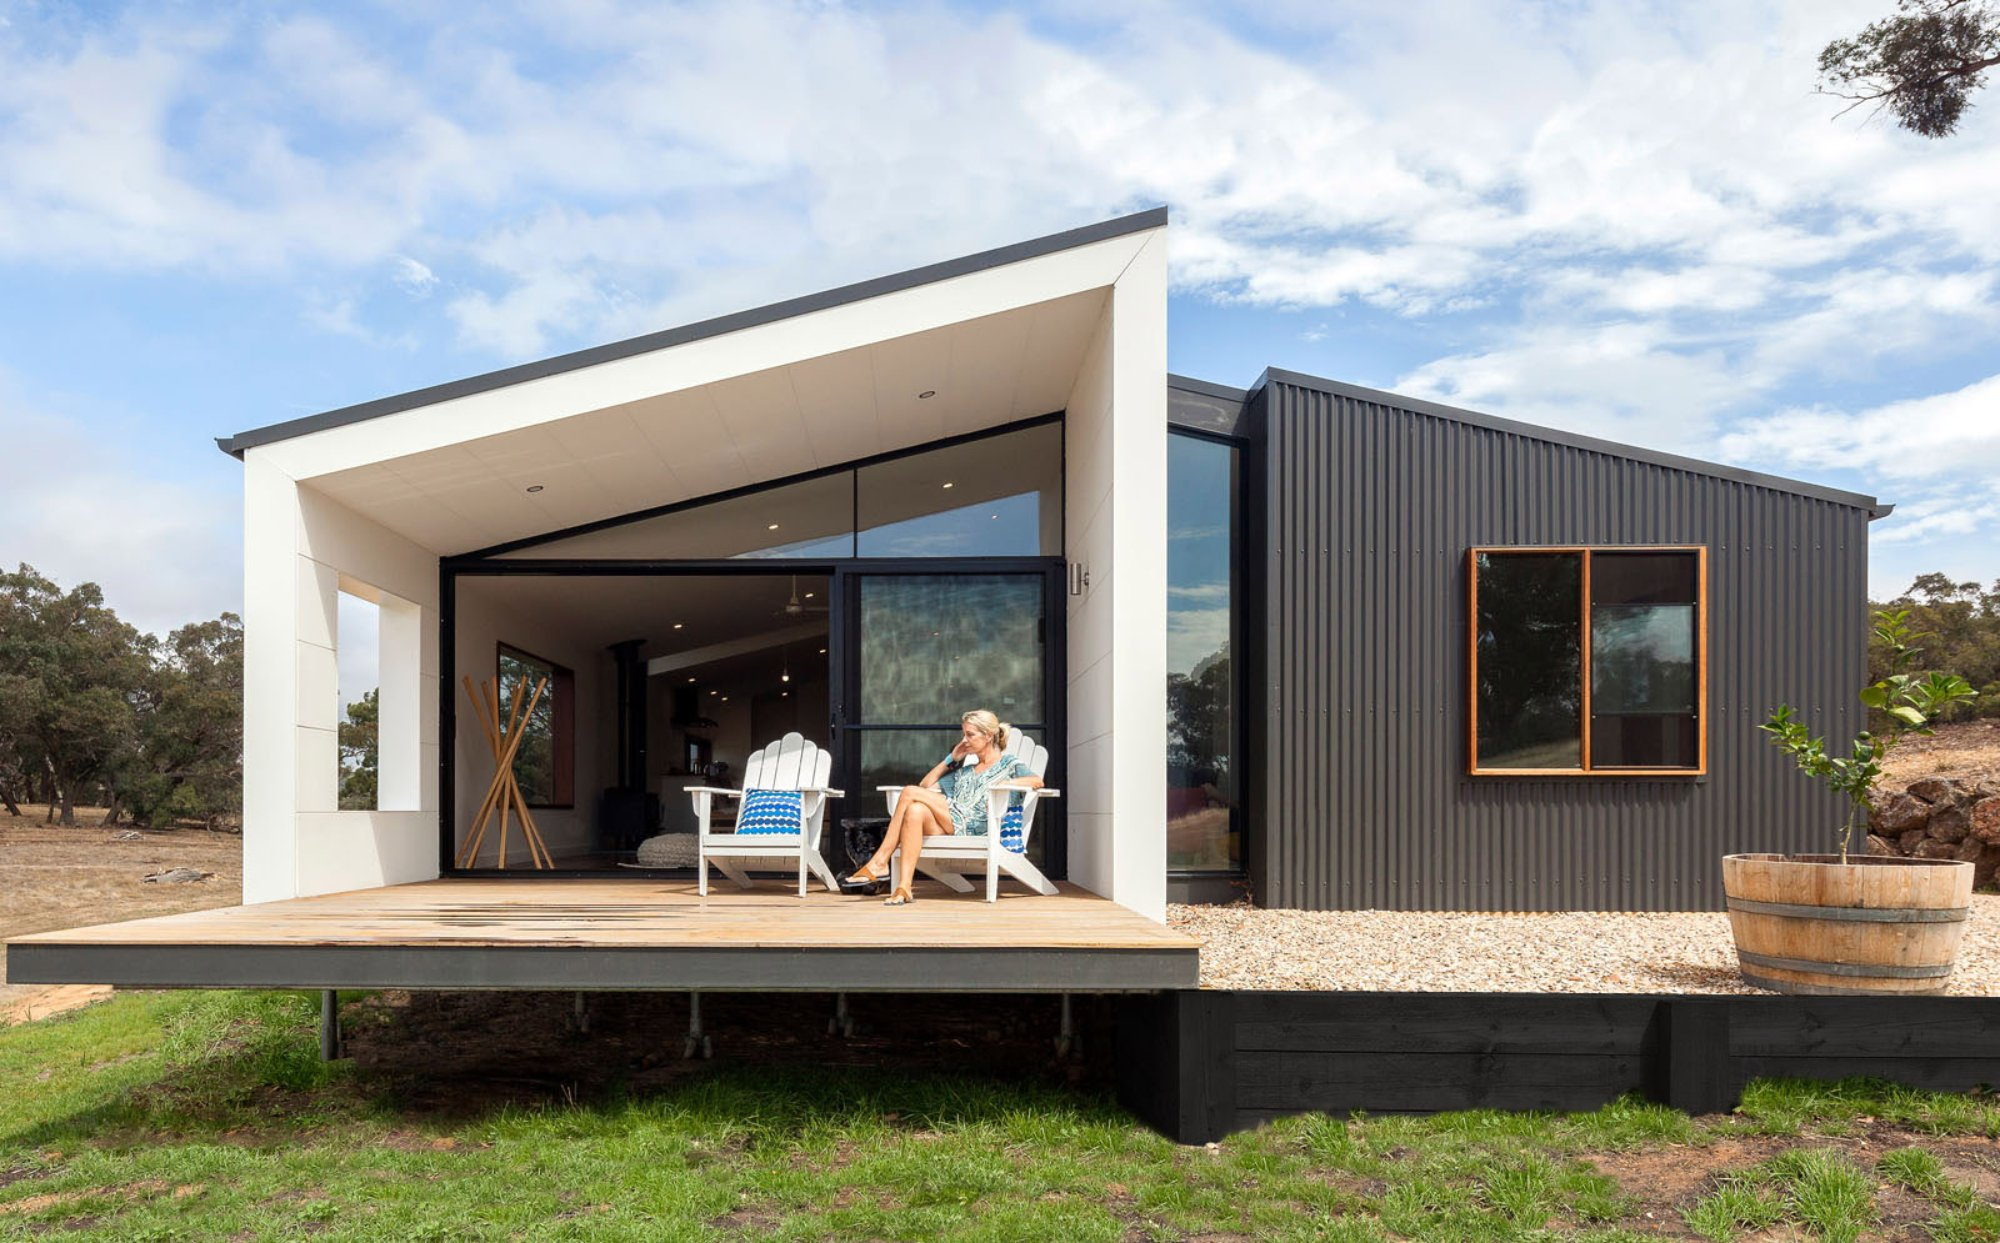 Casas modulares baratas casas prefabricadas modulate - Casas modulares de lujo ...